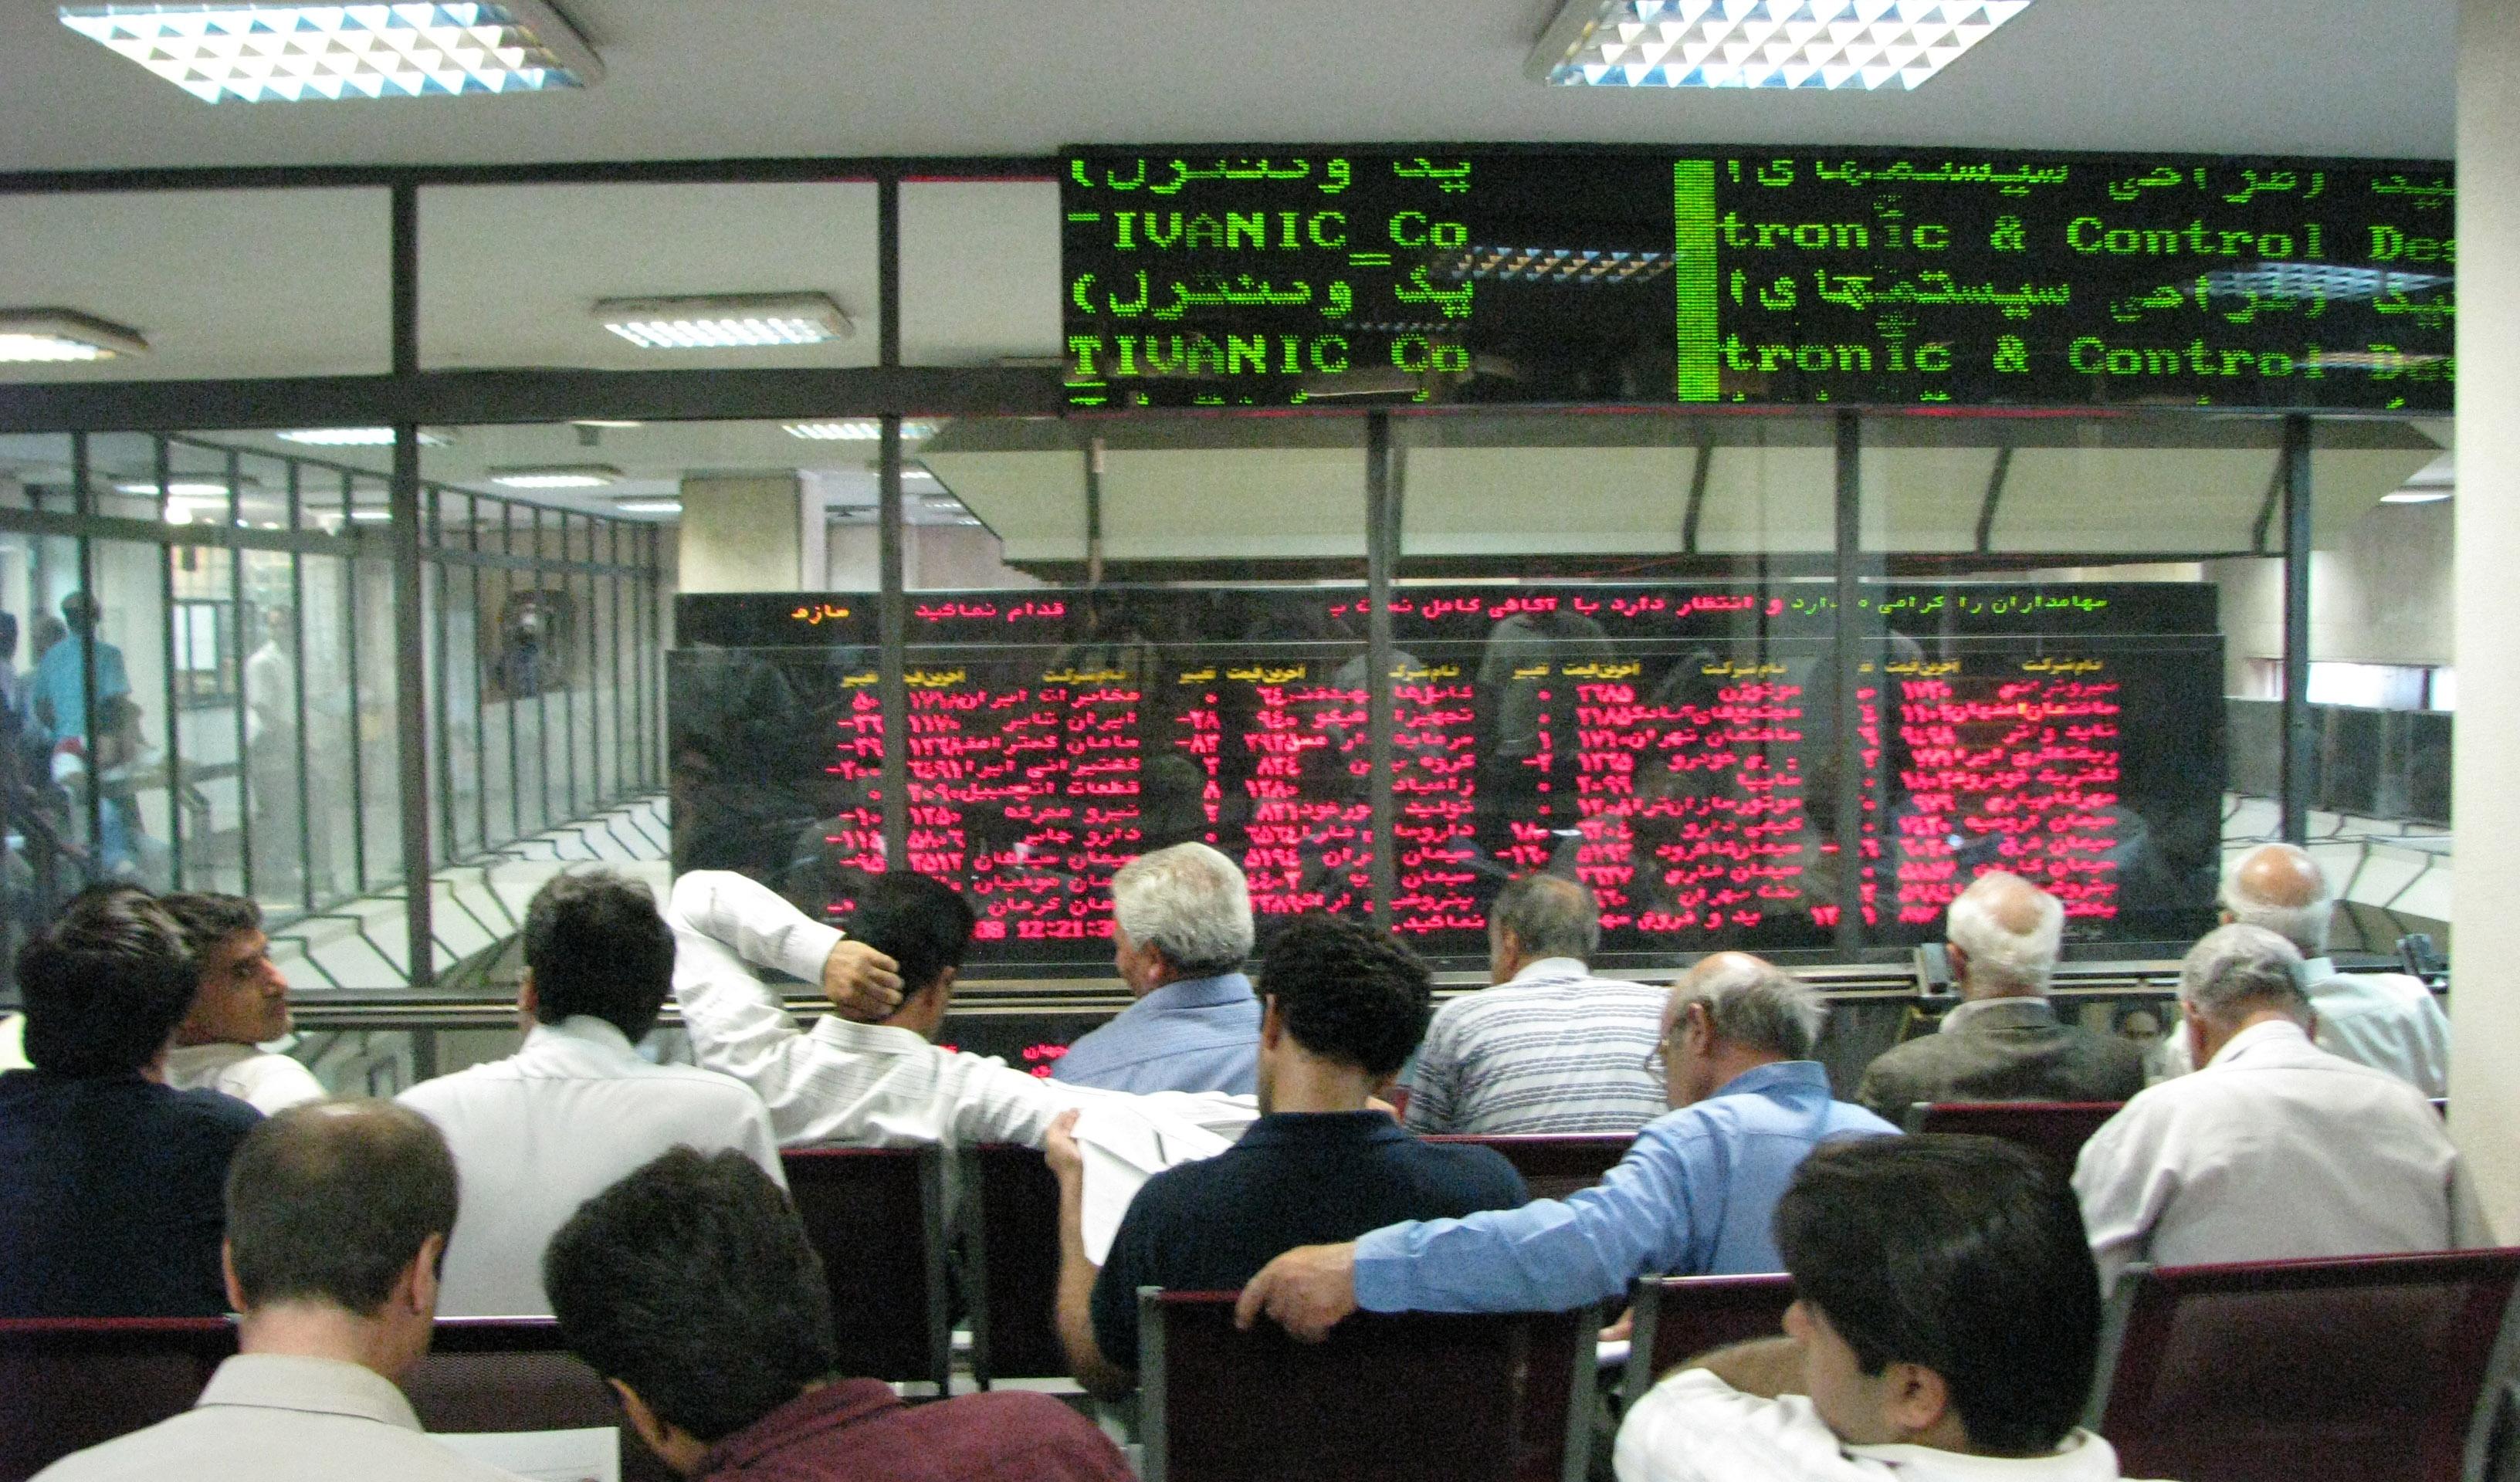 اسامی سهام بورس با بالاترین و پایینترین رشد قیمت امروز ۱۴۰۰/۰۳/۲۹